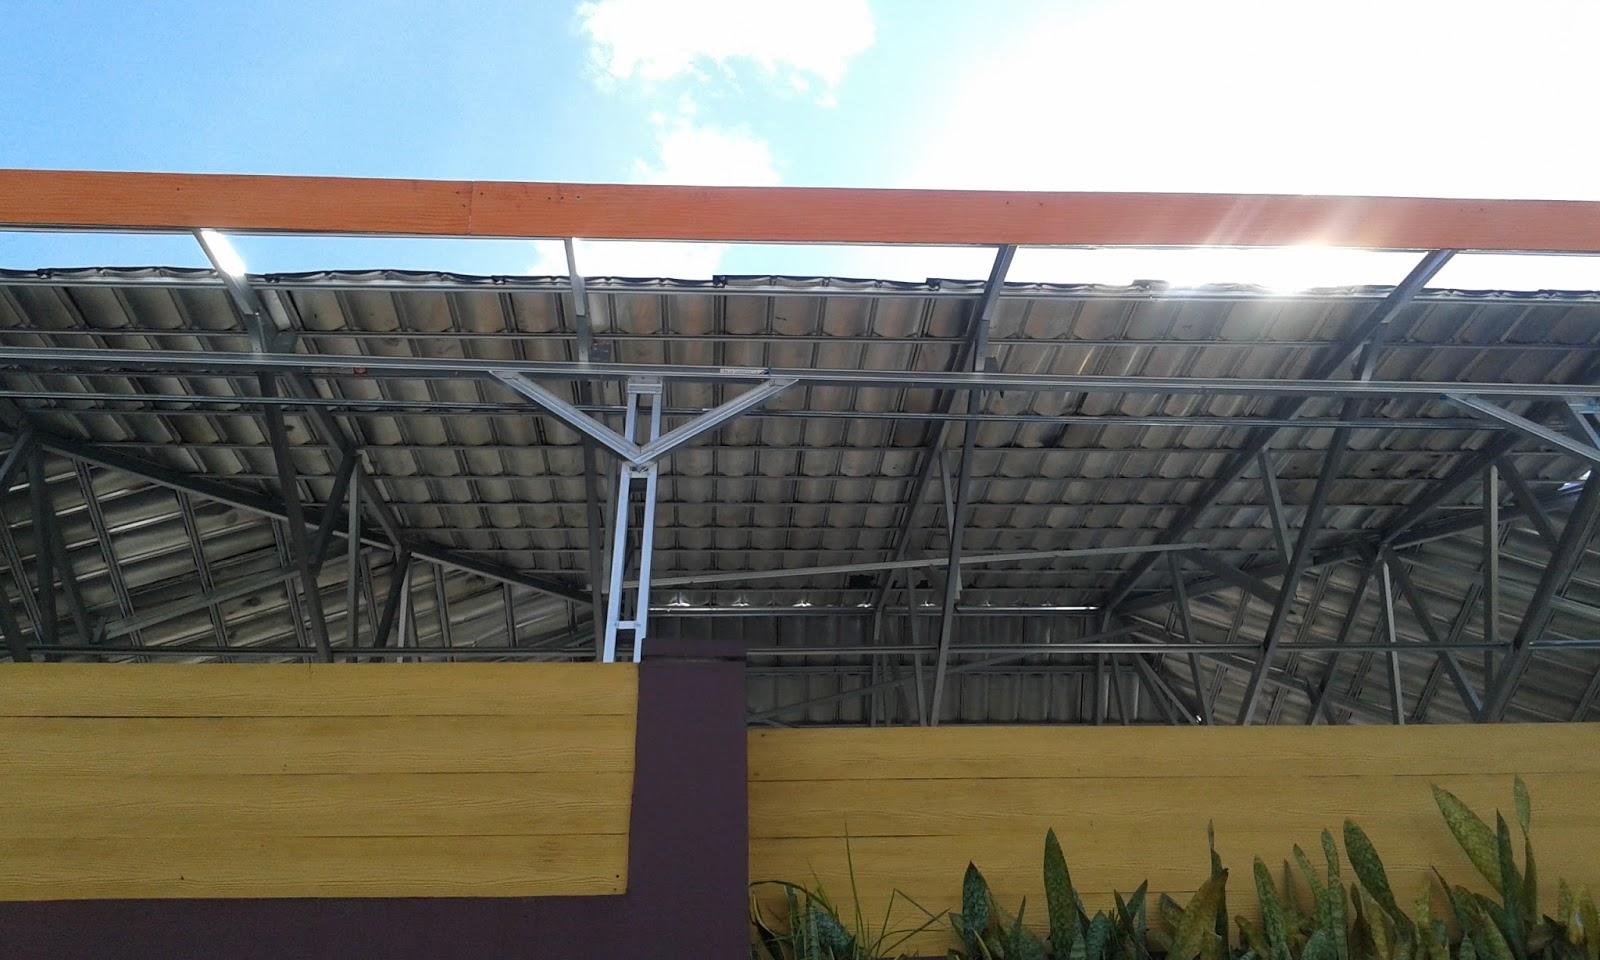 Murah Mana Baja Ringan Atau Kayu Biro Jasa Bandung 081394518790